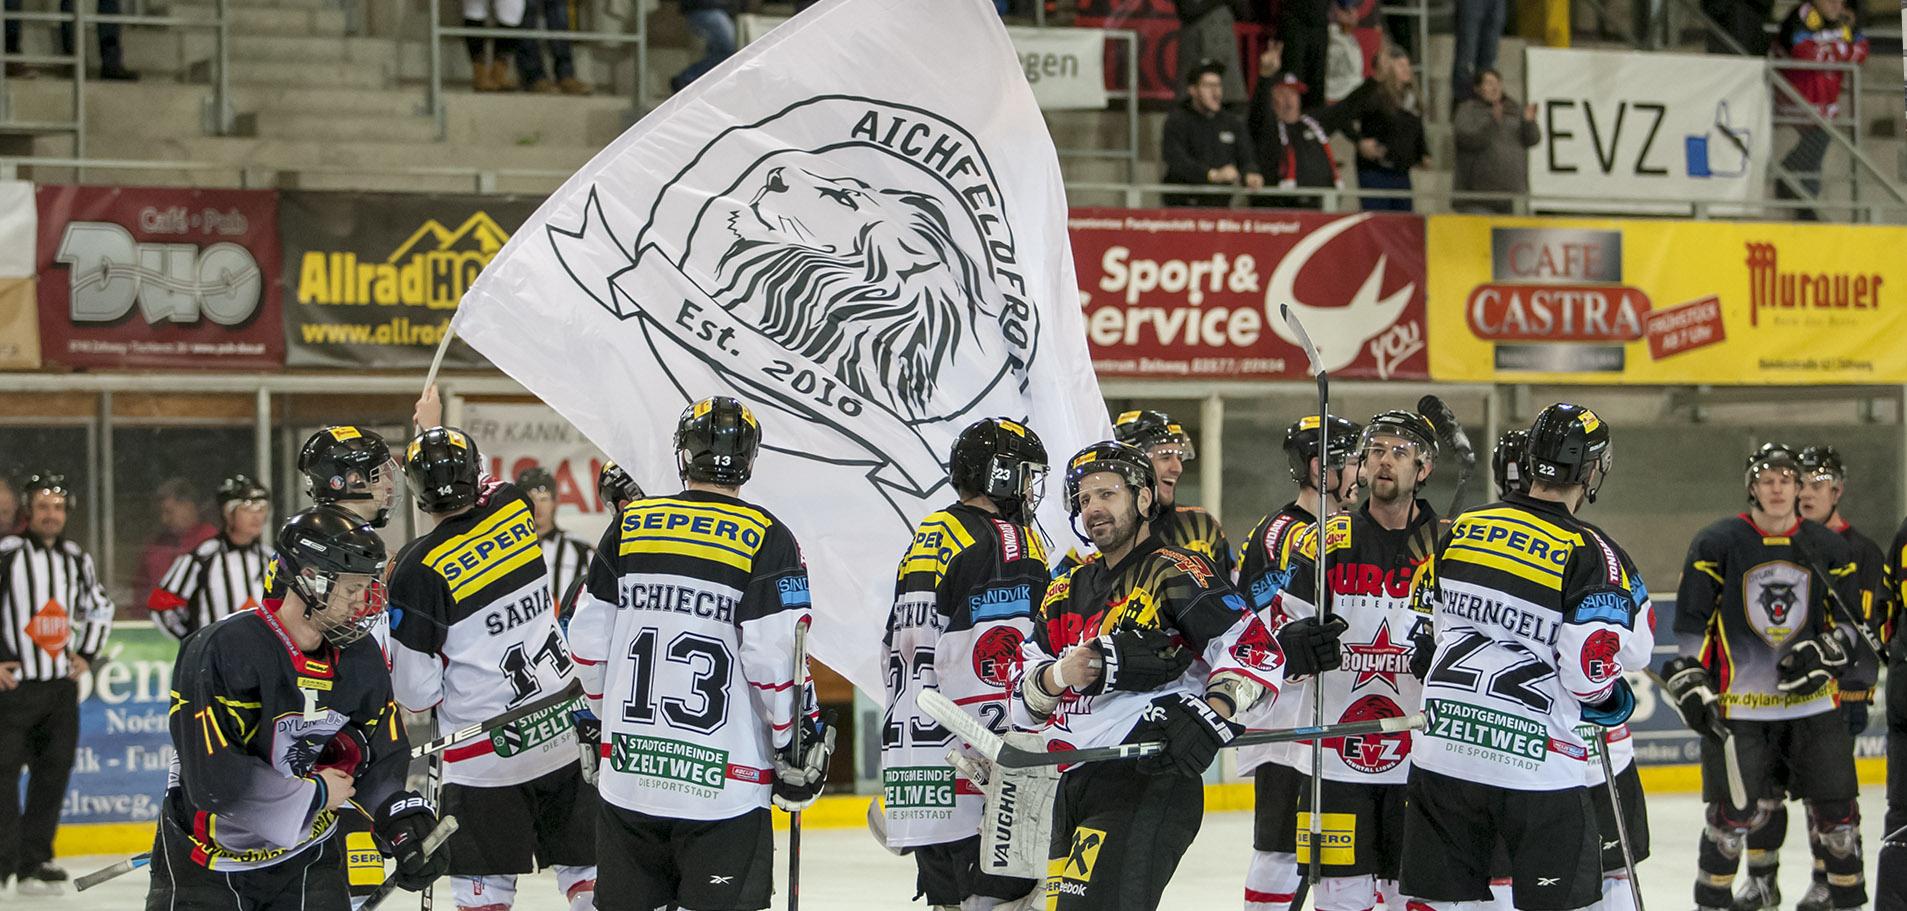 Nach einem dramatischen Spiel feiern die Lions mit der Fahne des Fanclubs